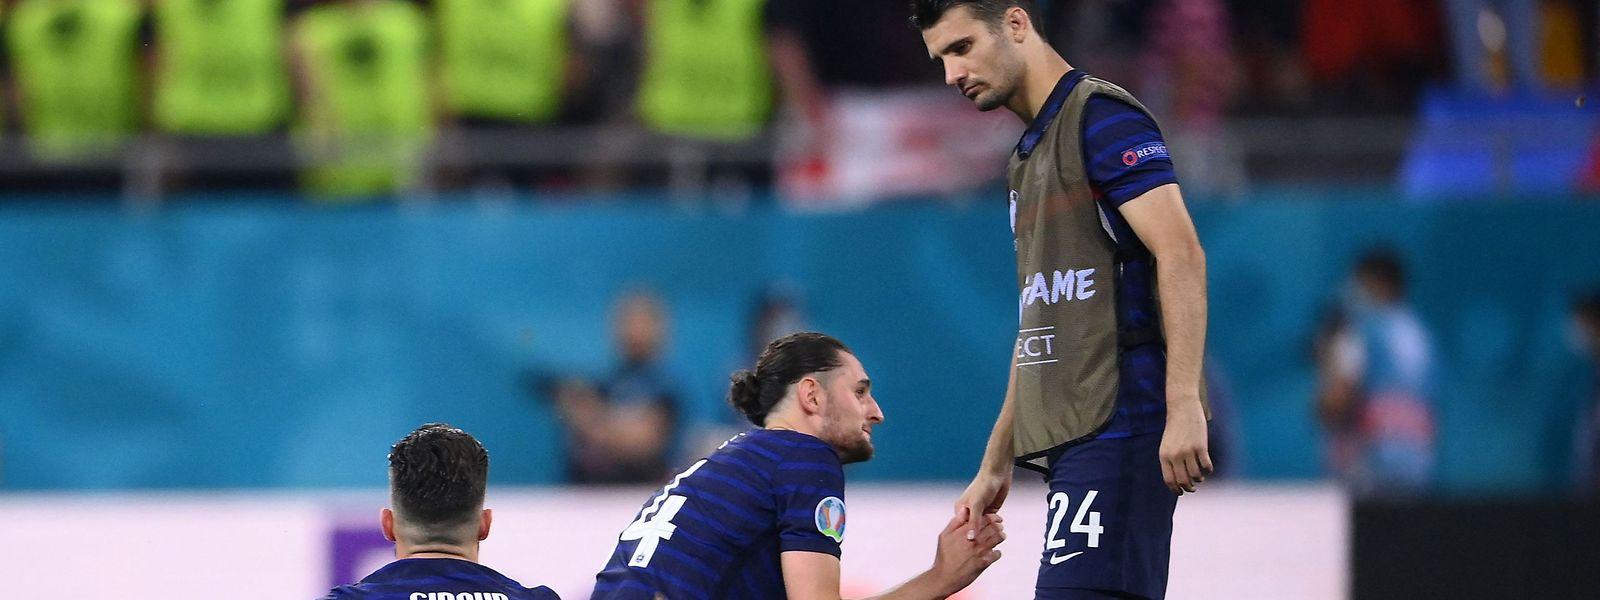 «Il faudra le temps de digérer mais c'est sans doute qu'on ne méritait pas plus», a regretté le sélectionneur français Didier Deschamps.